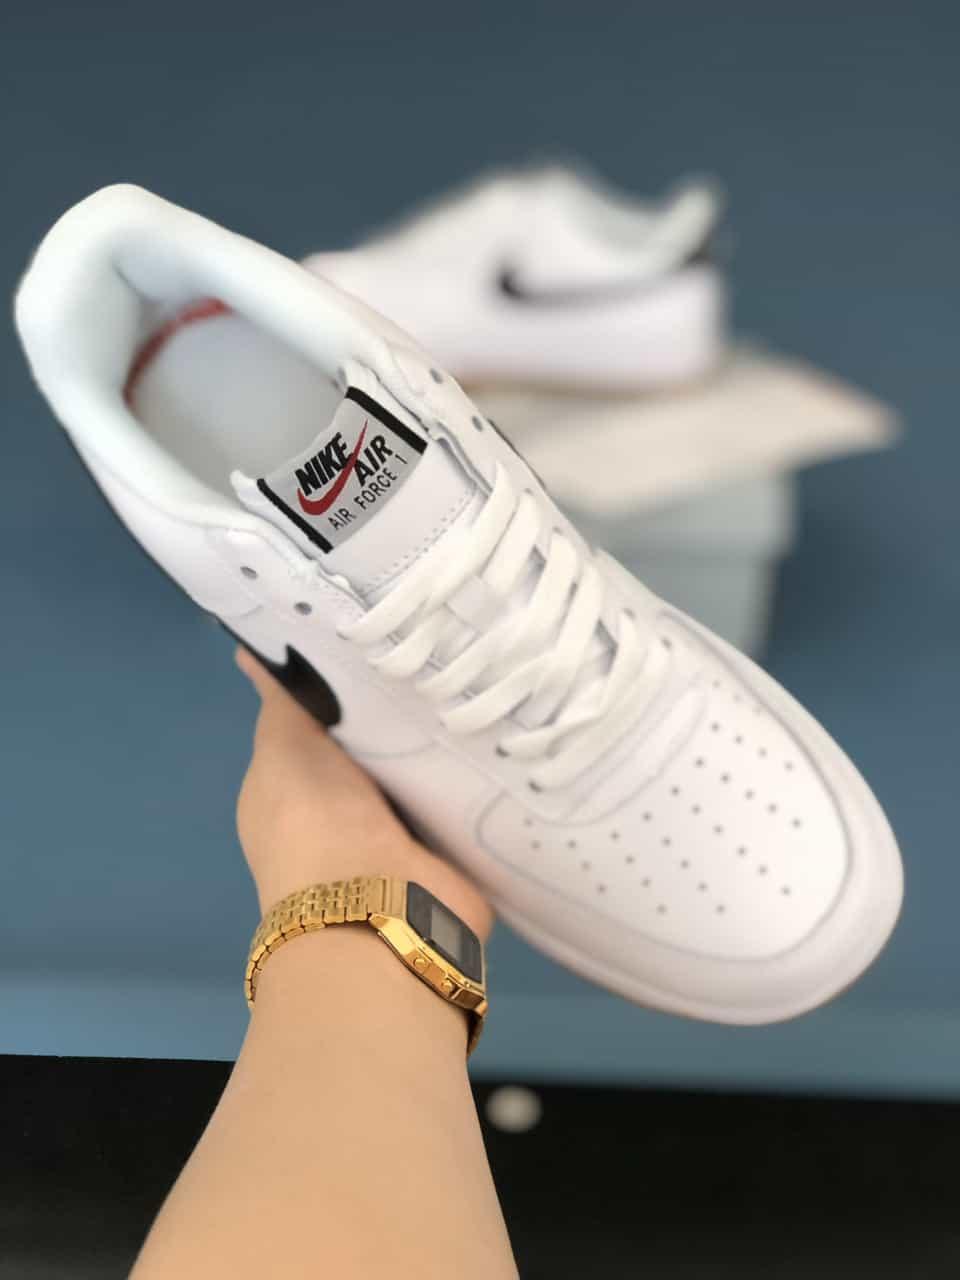 Giày Nike Air Force rep 1:1 hiện đang được nhiều bạn trẻ săn đón